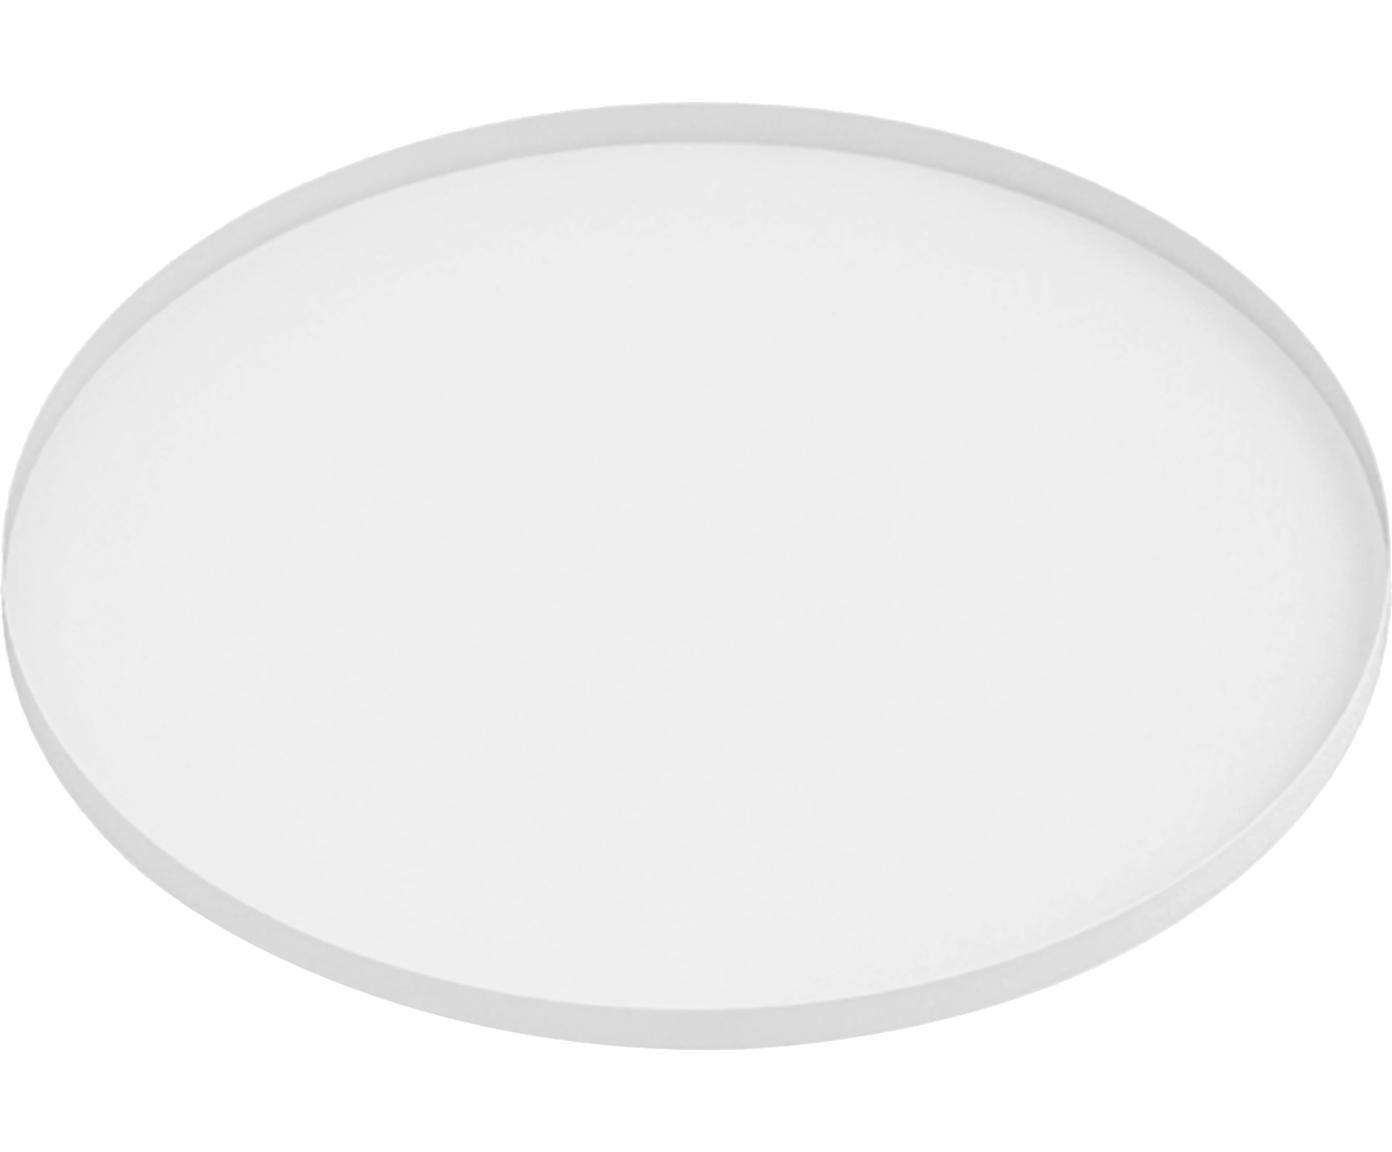 Tablett Arla, Metall, beschichtet, Weiß, Ø 41 cm